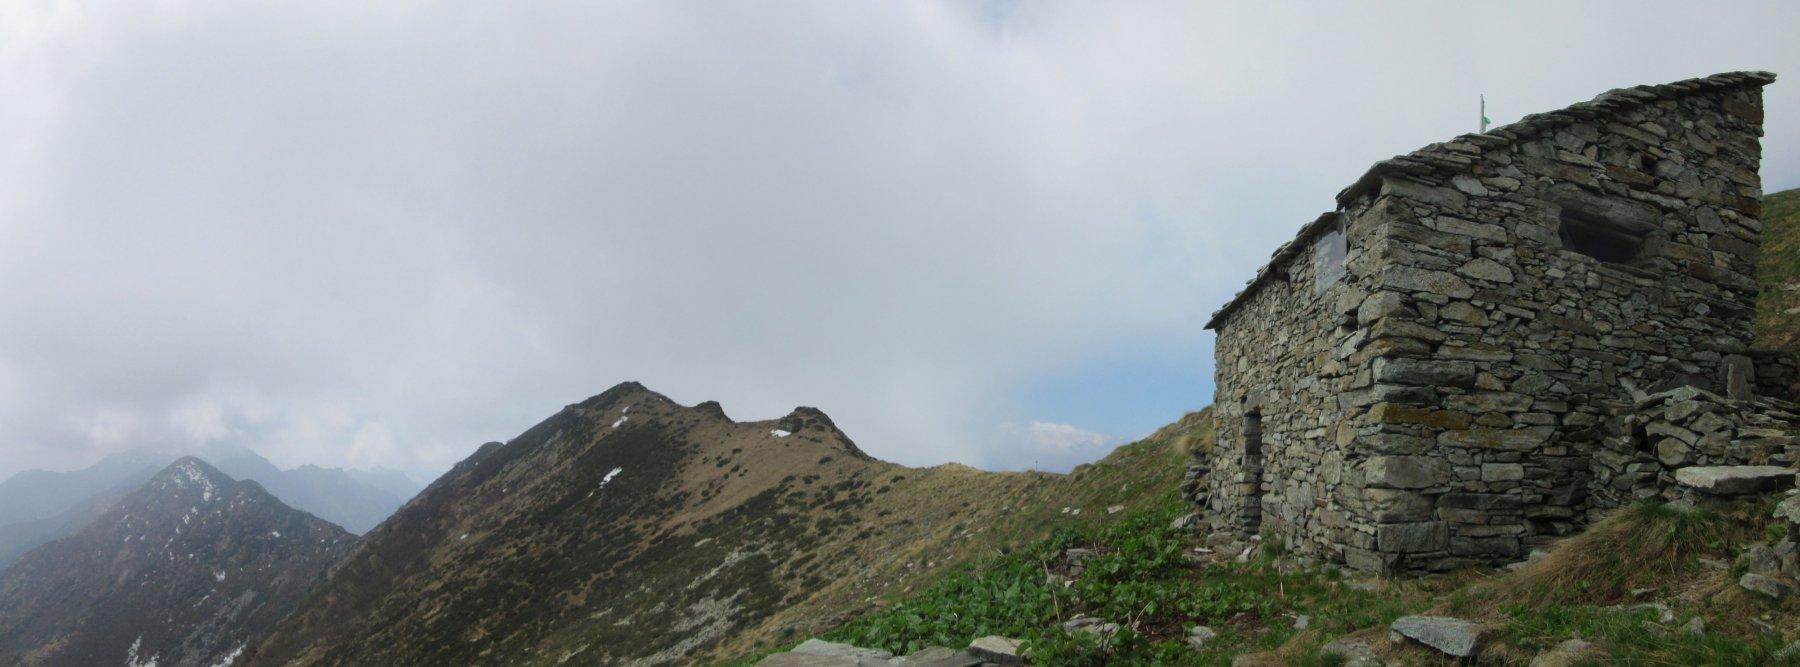 Punto di appoggio CAI Alpe Campo Sella Alta